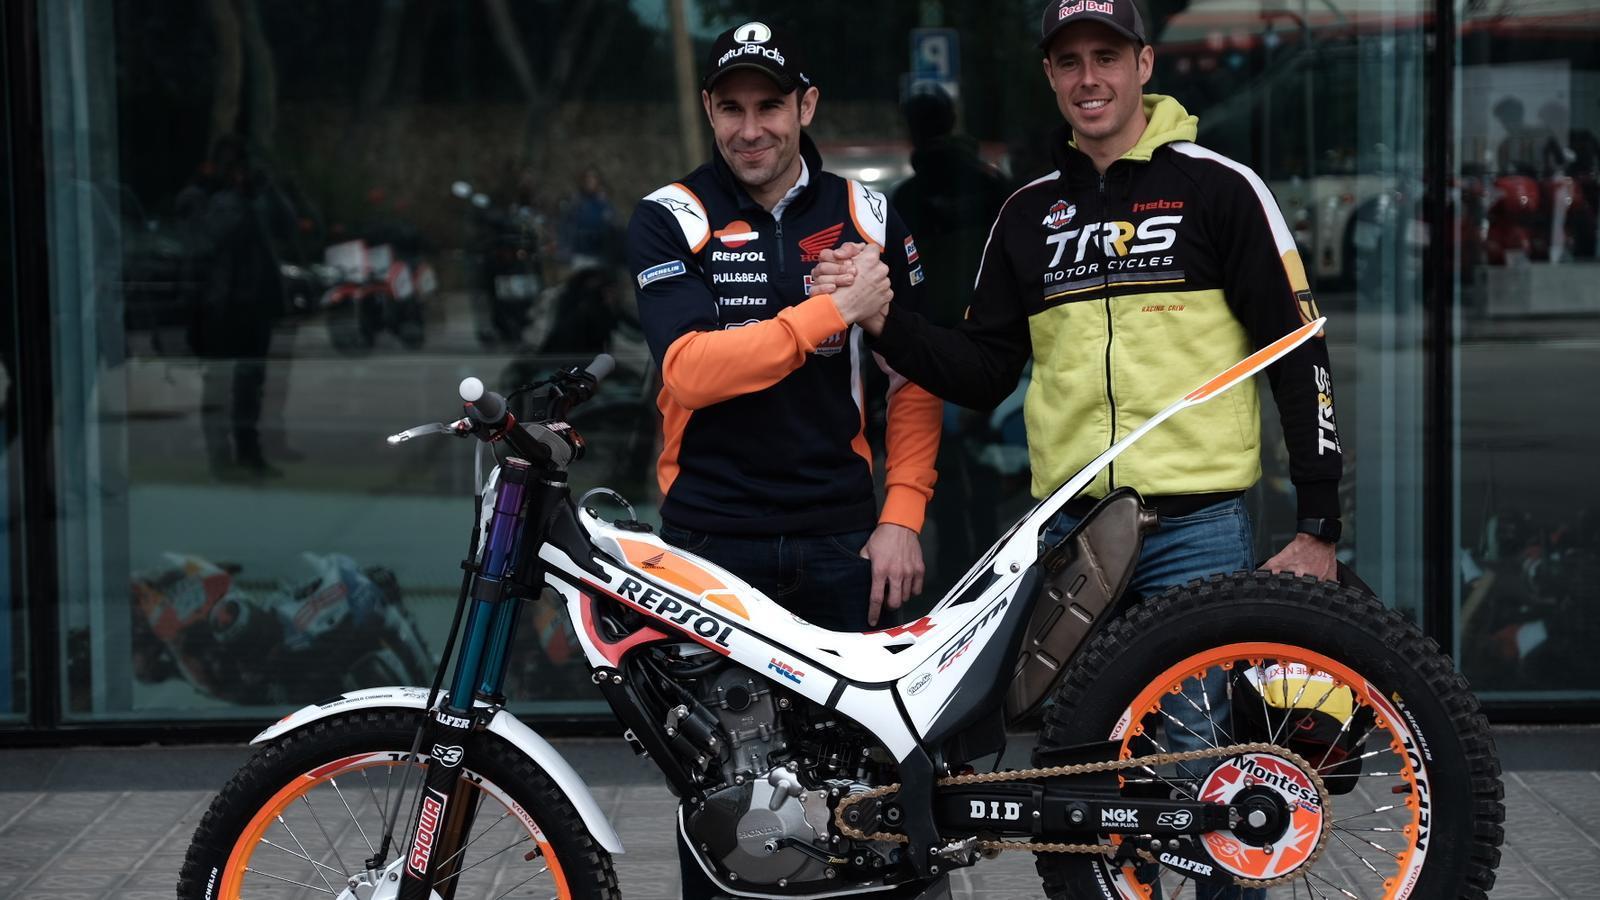 Els pilots Toni Bou i Adam Raga, dos dels protagonistes del trial 'indoor' de Barcelona